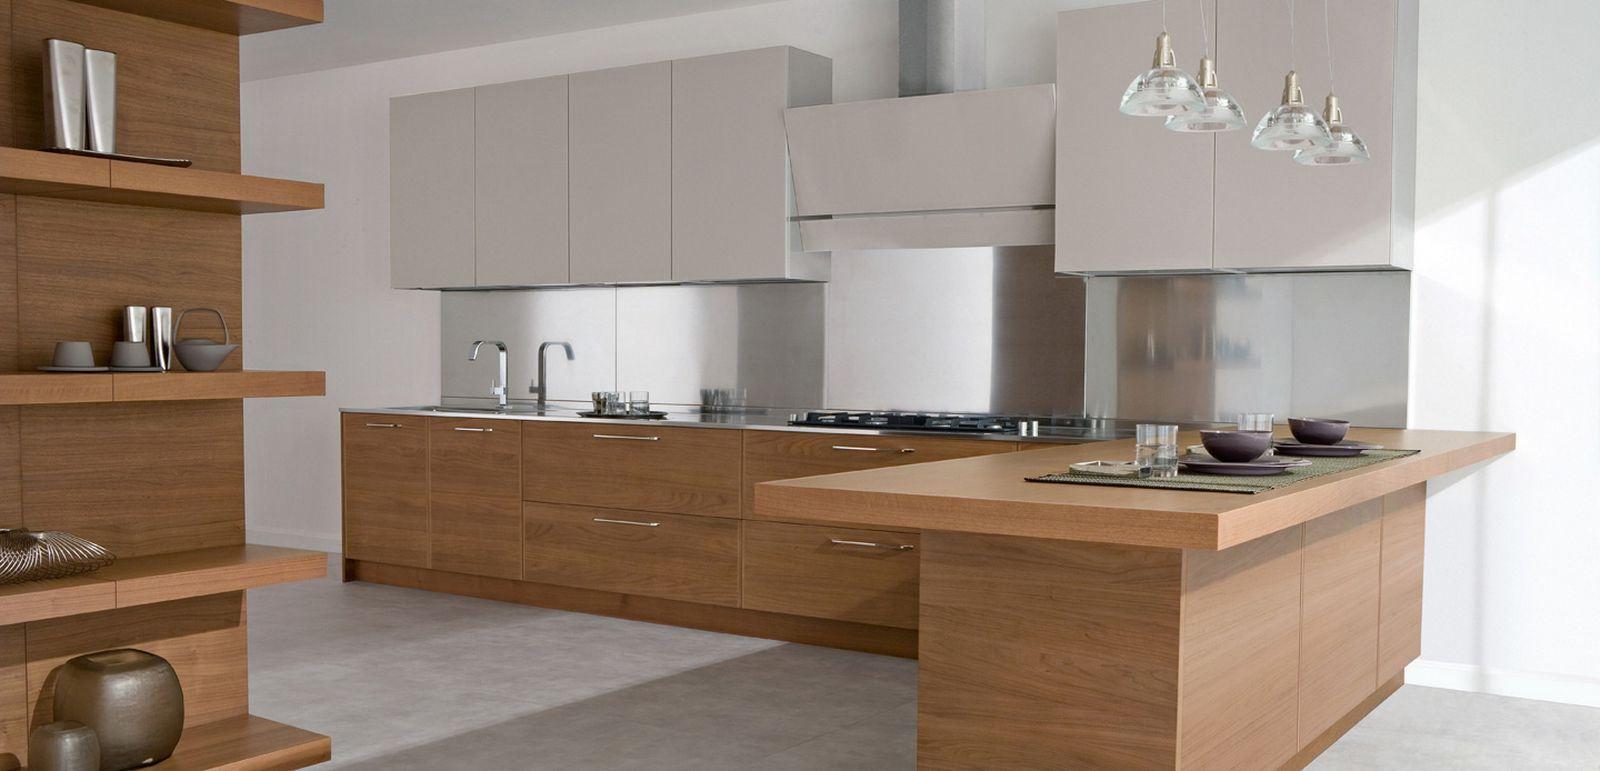 Elegant Kitchen Amazing Wooden Kitchen Chairs Modern Kitchen Modern Kitchen Furniture Modern Kitchen Design Modern Kitchen